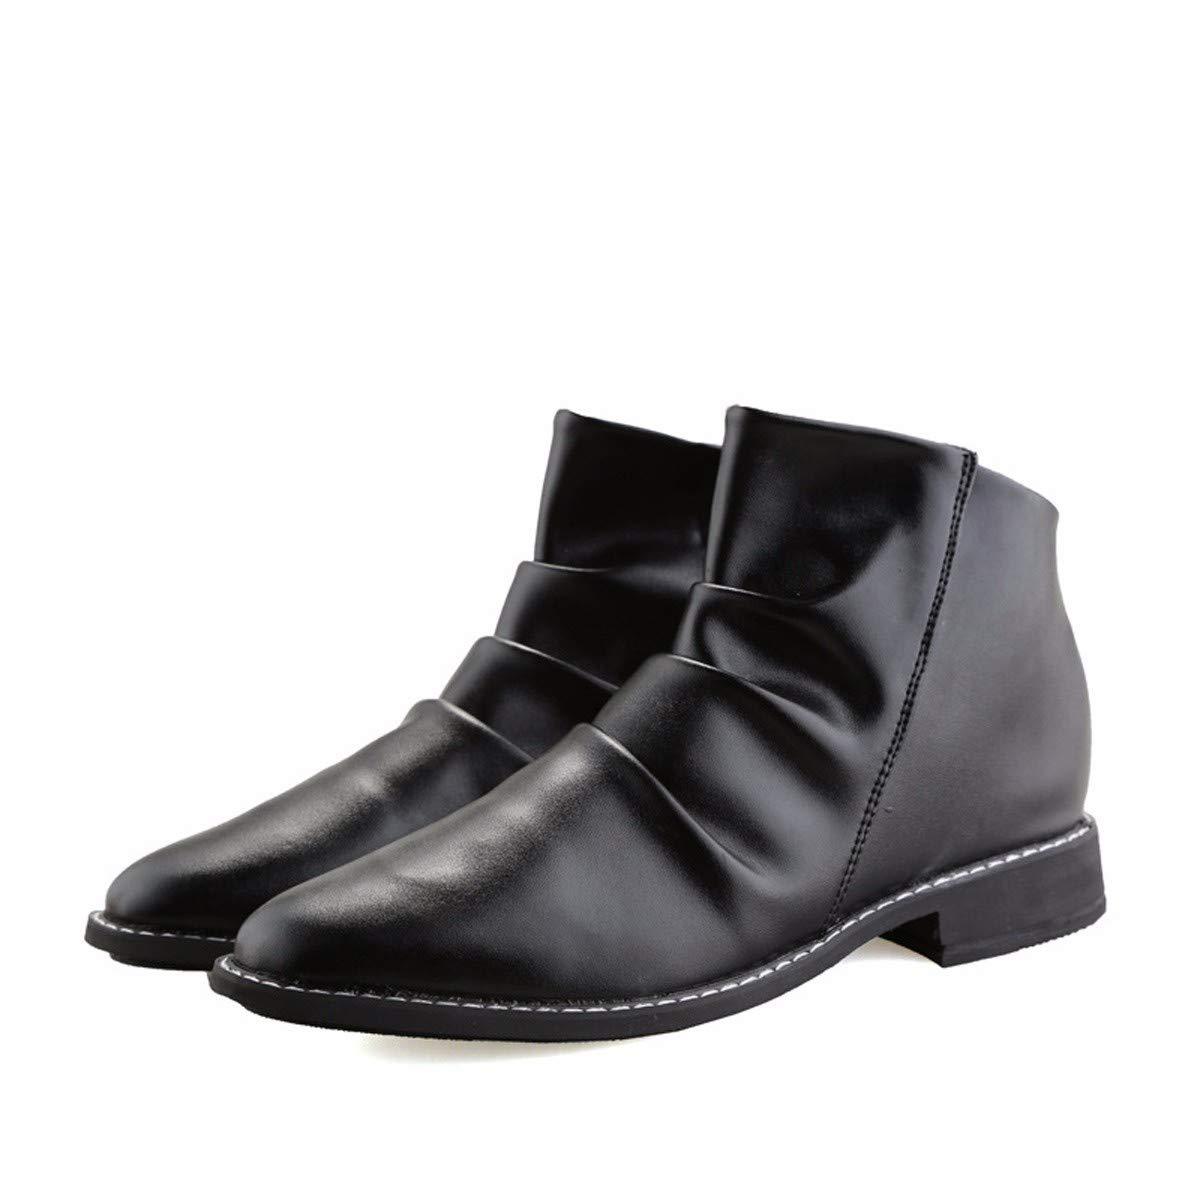 KMJBS-Mode Lässige Stiefel Britische GAO Peng Martin Lederstiefel Männer Khaki.42